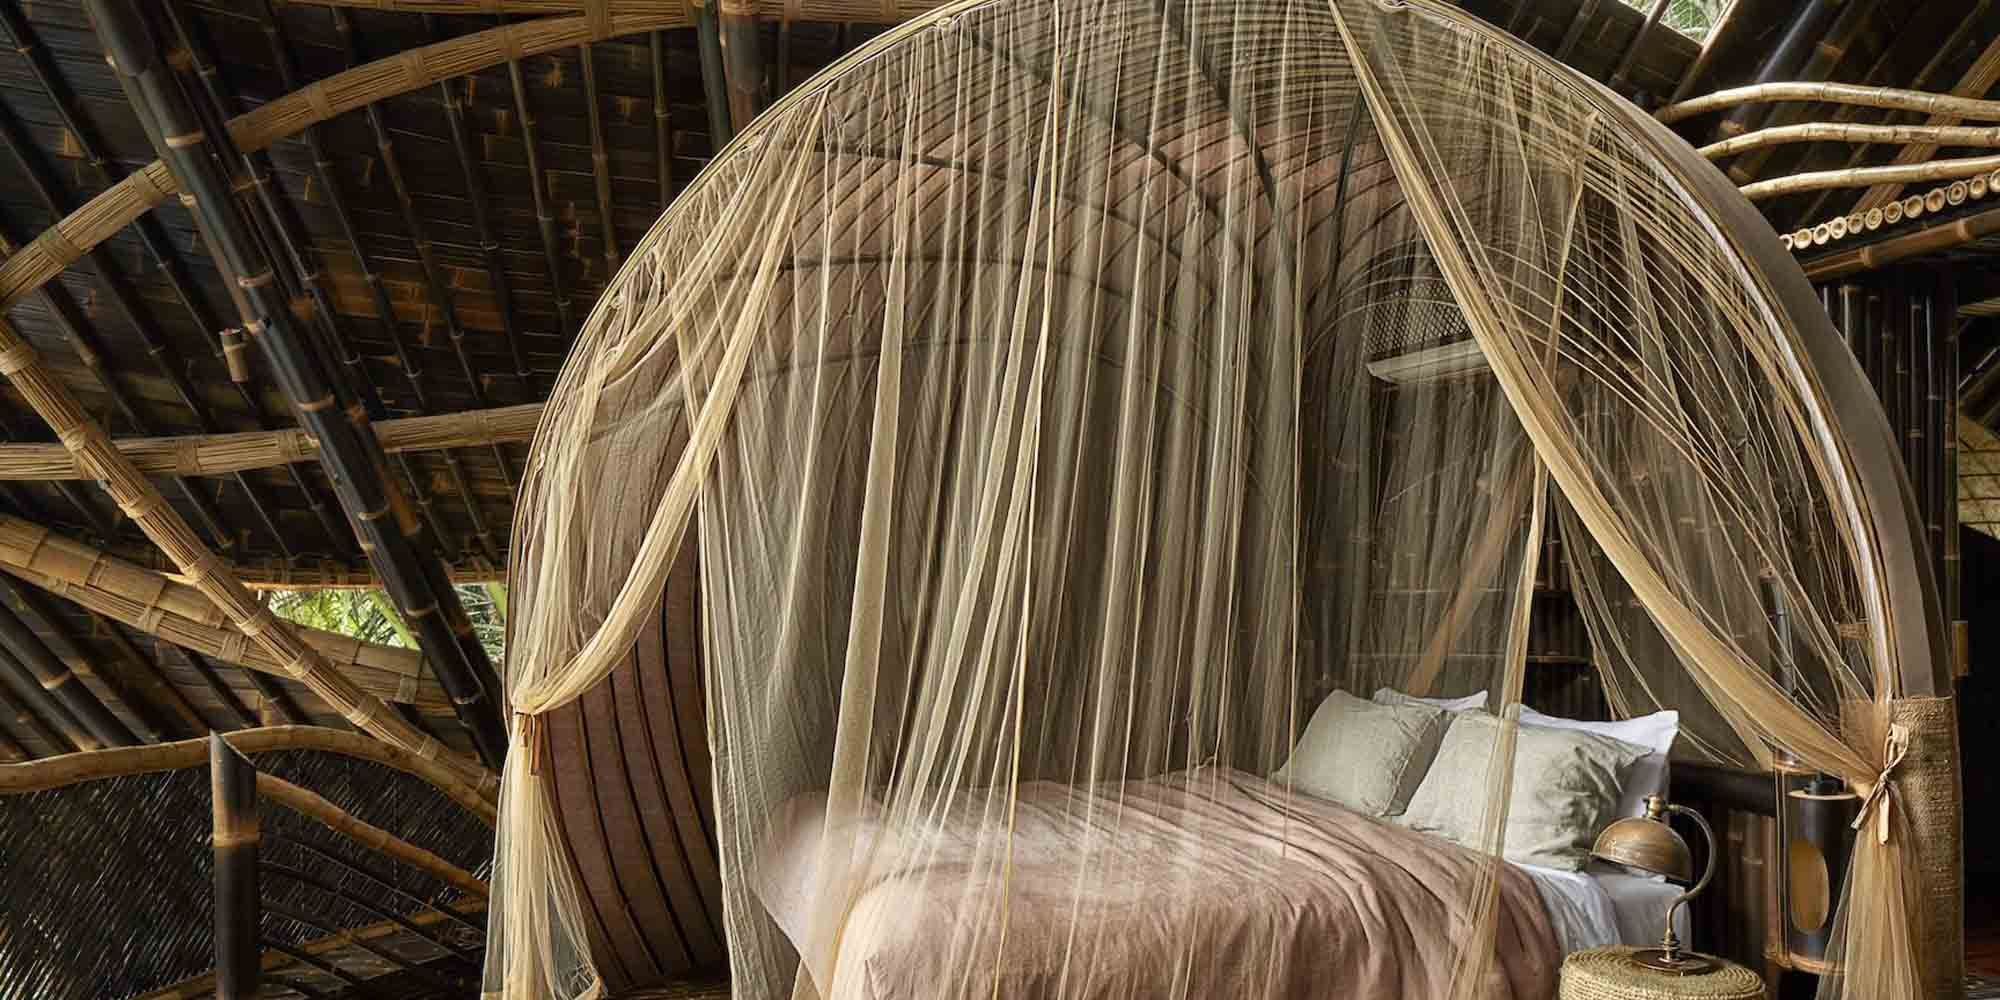 Deze villa in de jungle van Bali is volledig gemaakt van bamboe